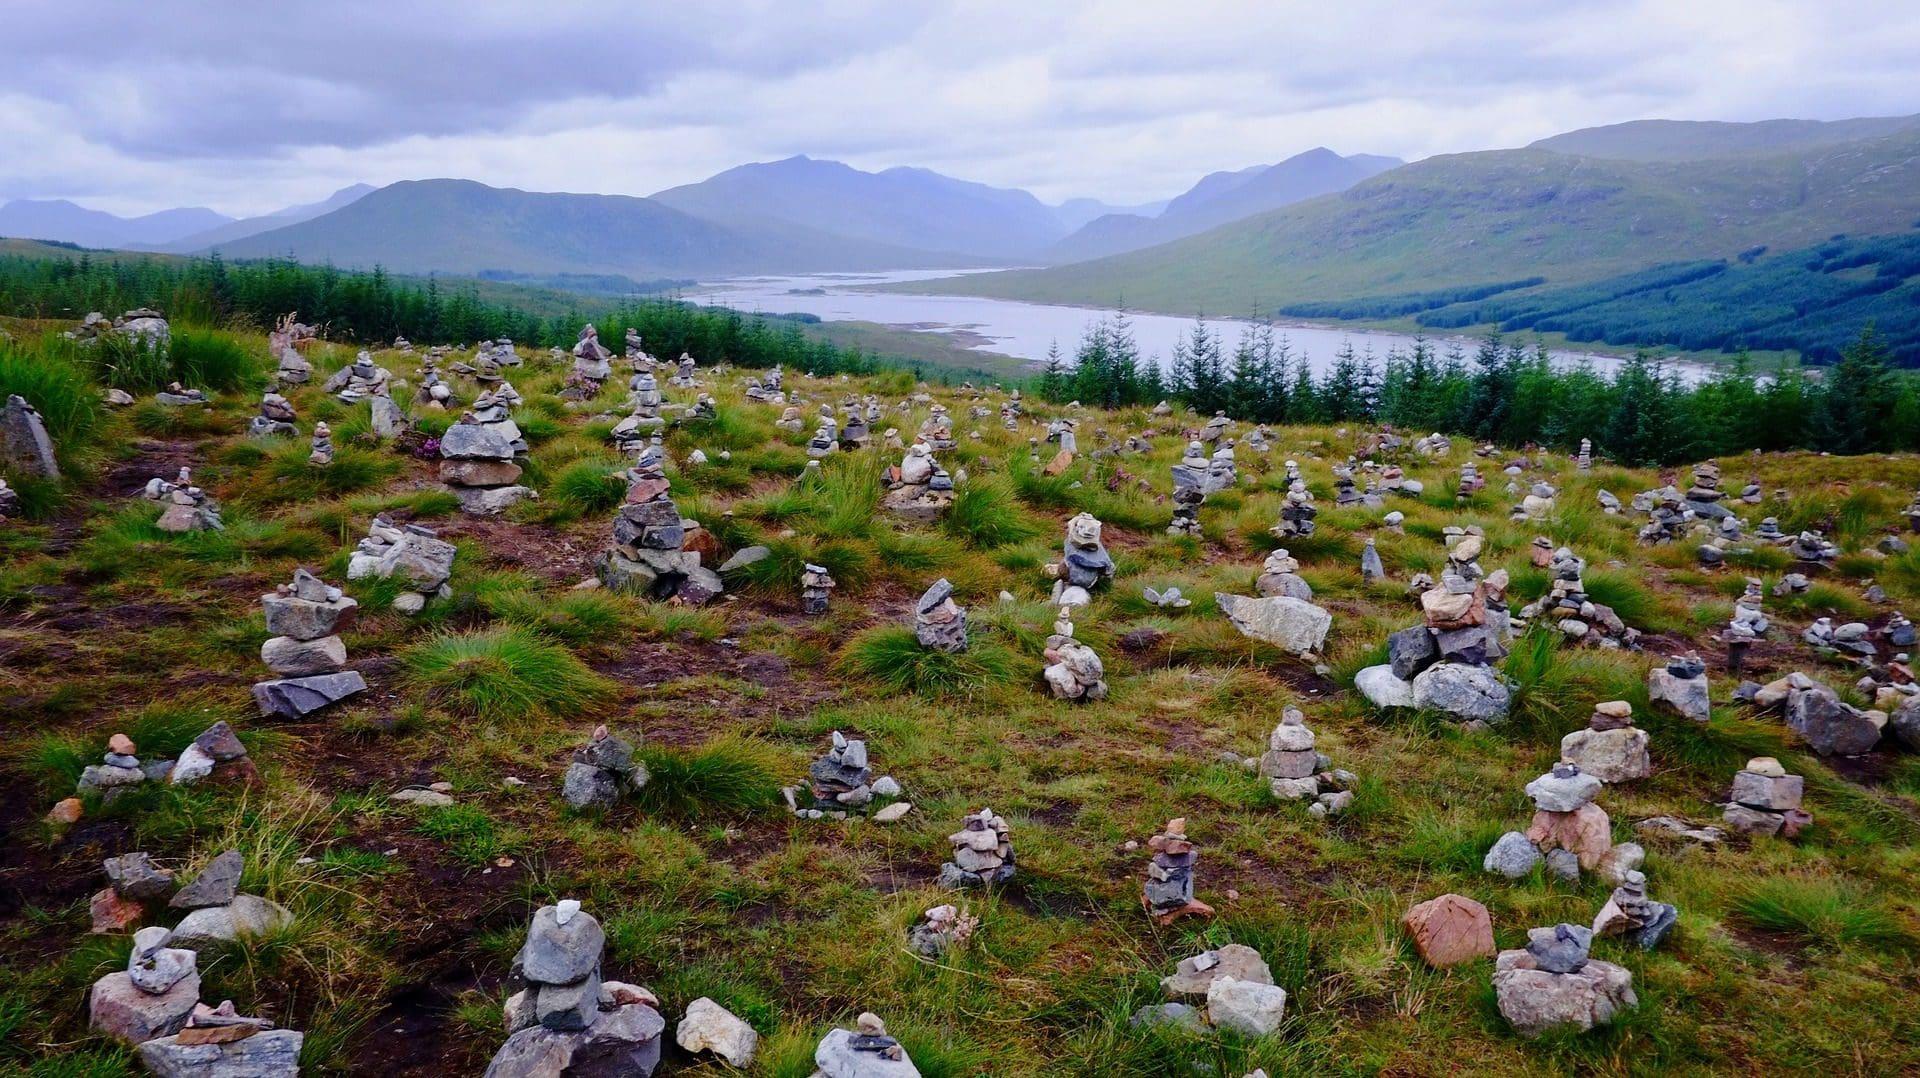 Viele Steinmännchen auf grüner Wiese vor Bergkulisse